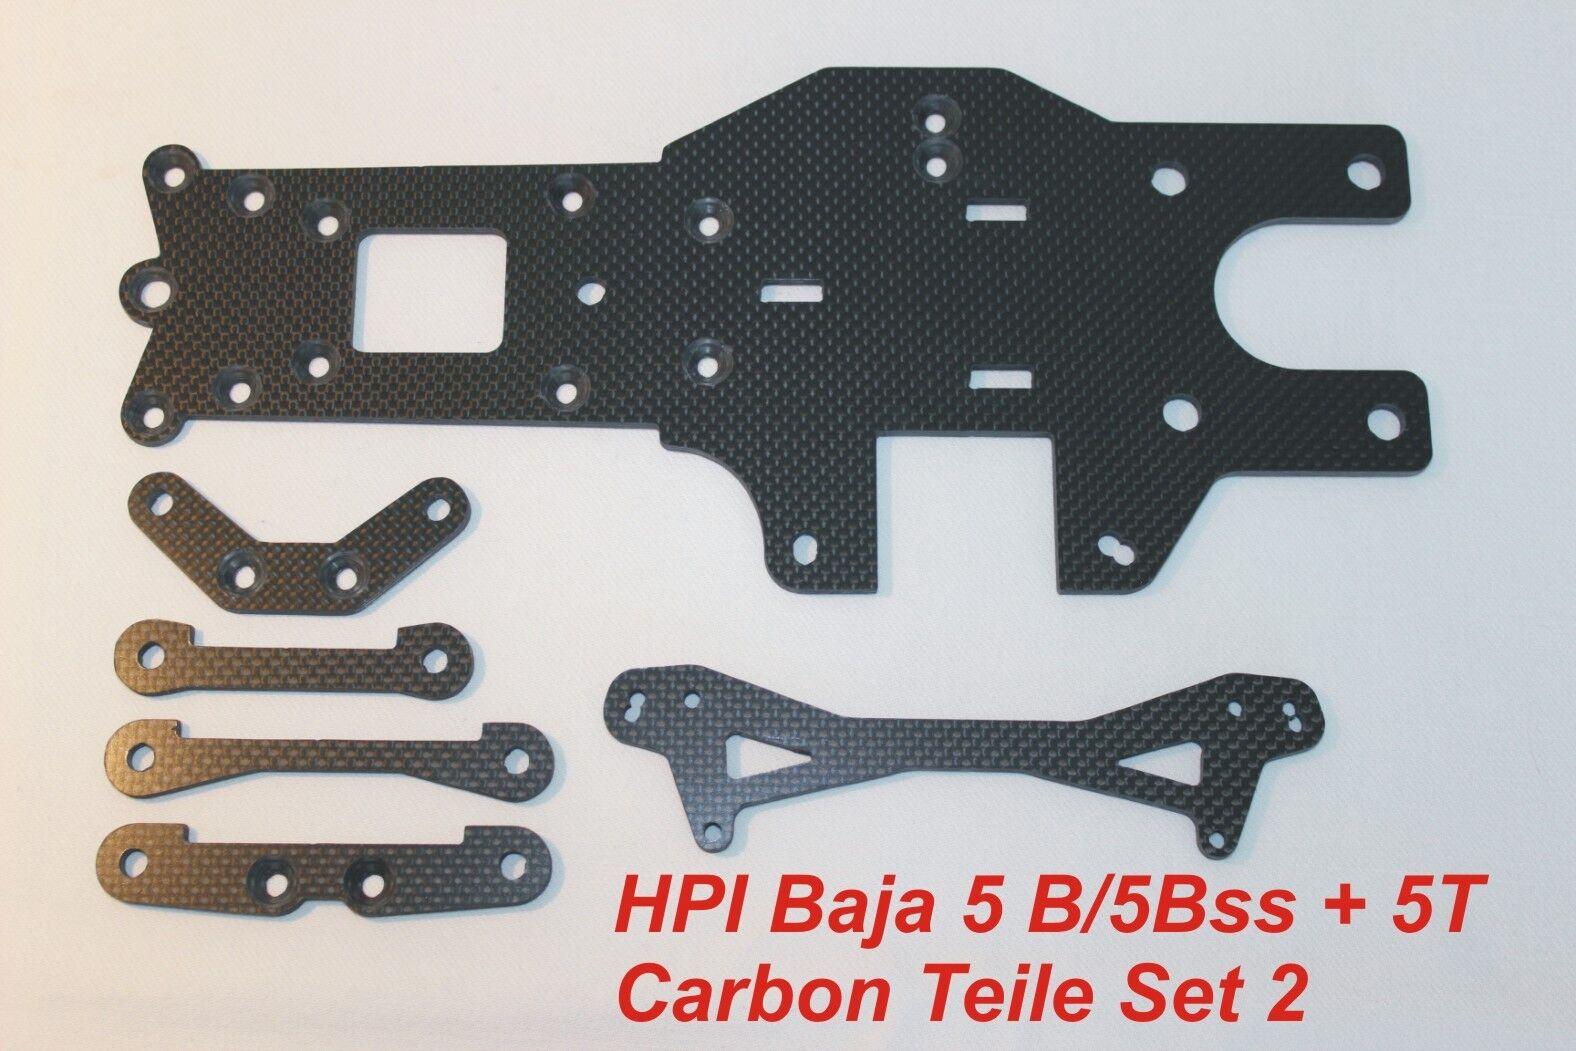 Hpi Hpi Hpi Baja 5B   5bss 5T CARBONE Parti set 2 TUNING HD Full Carbon 6 teilig 81c3d9